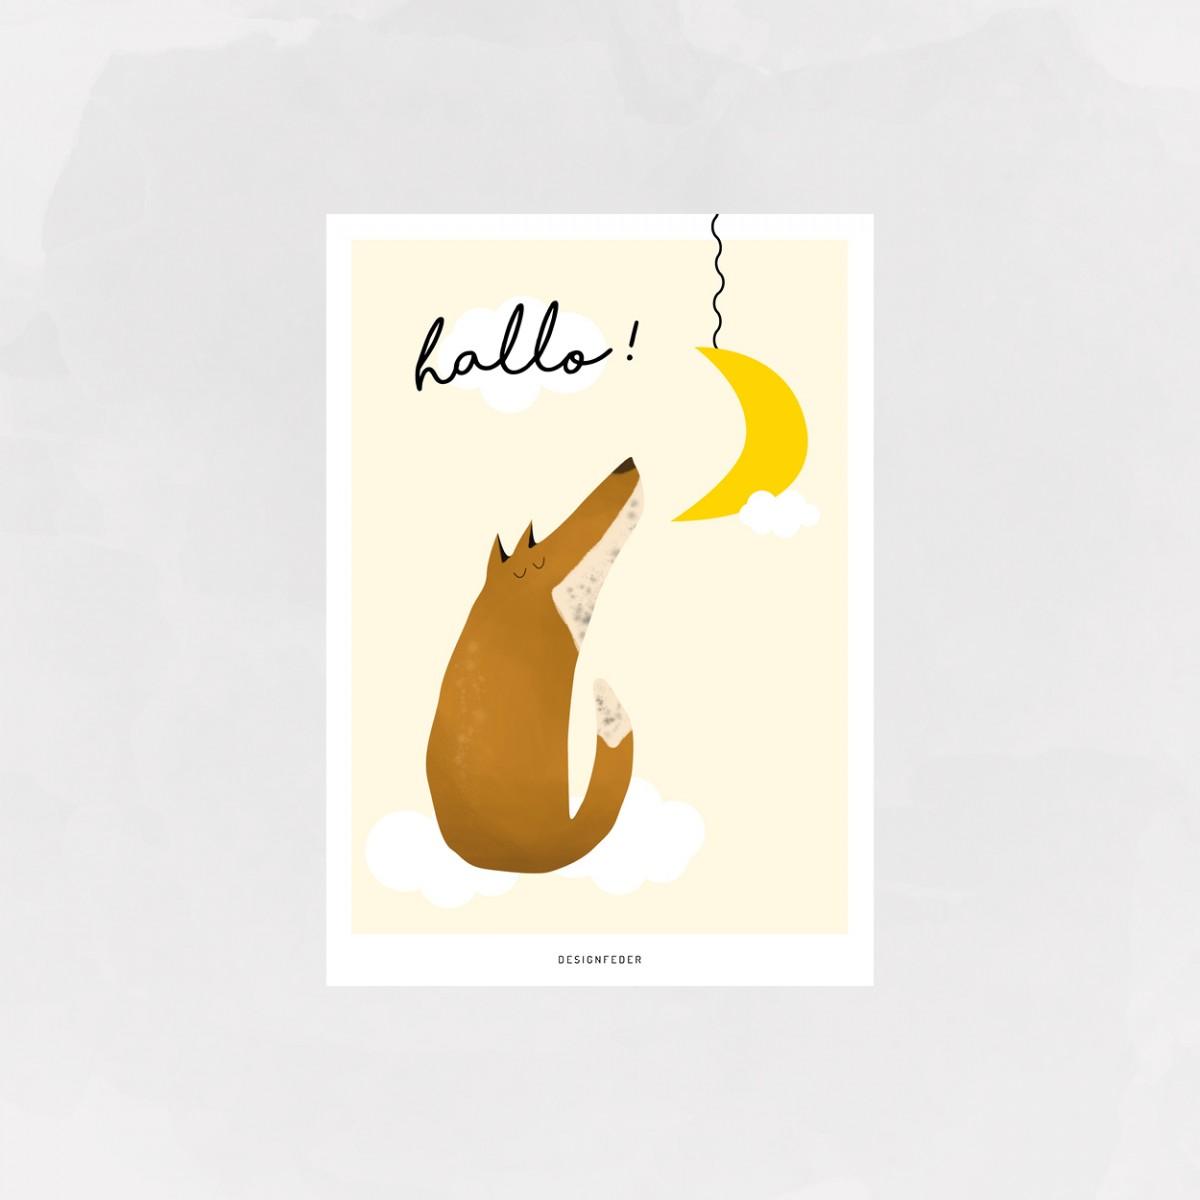 designfeder | Postkarte hallo kleiner fuchs